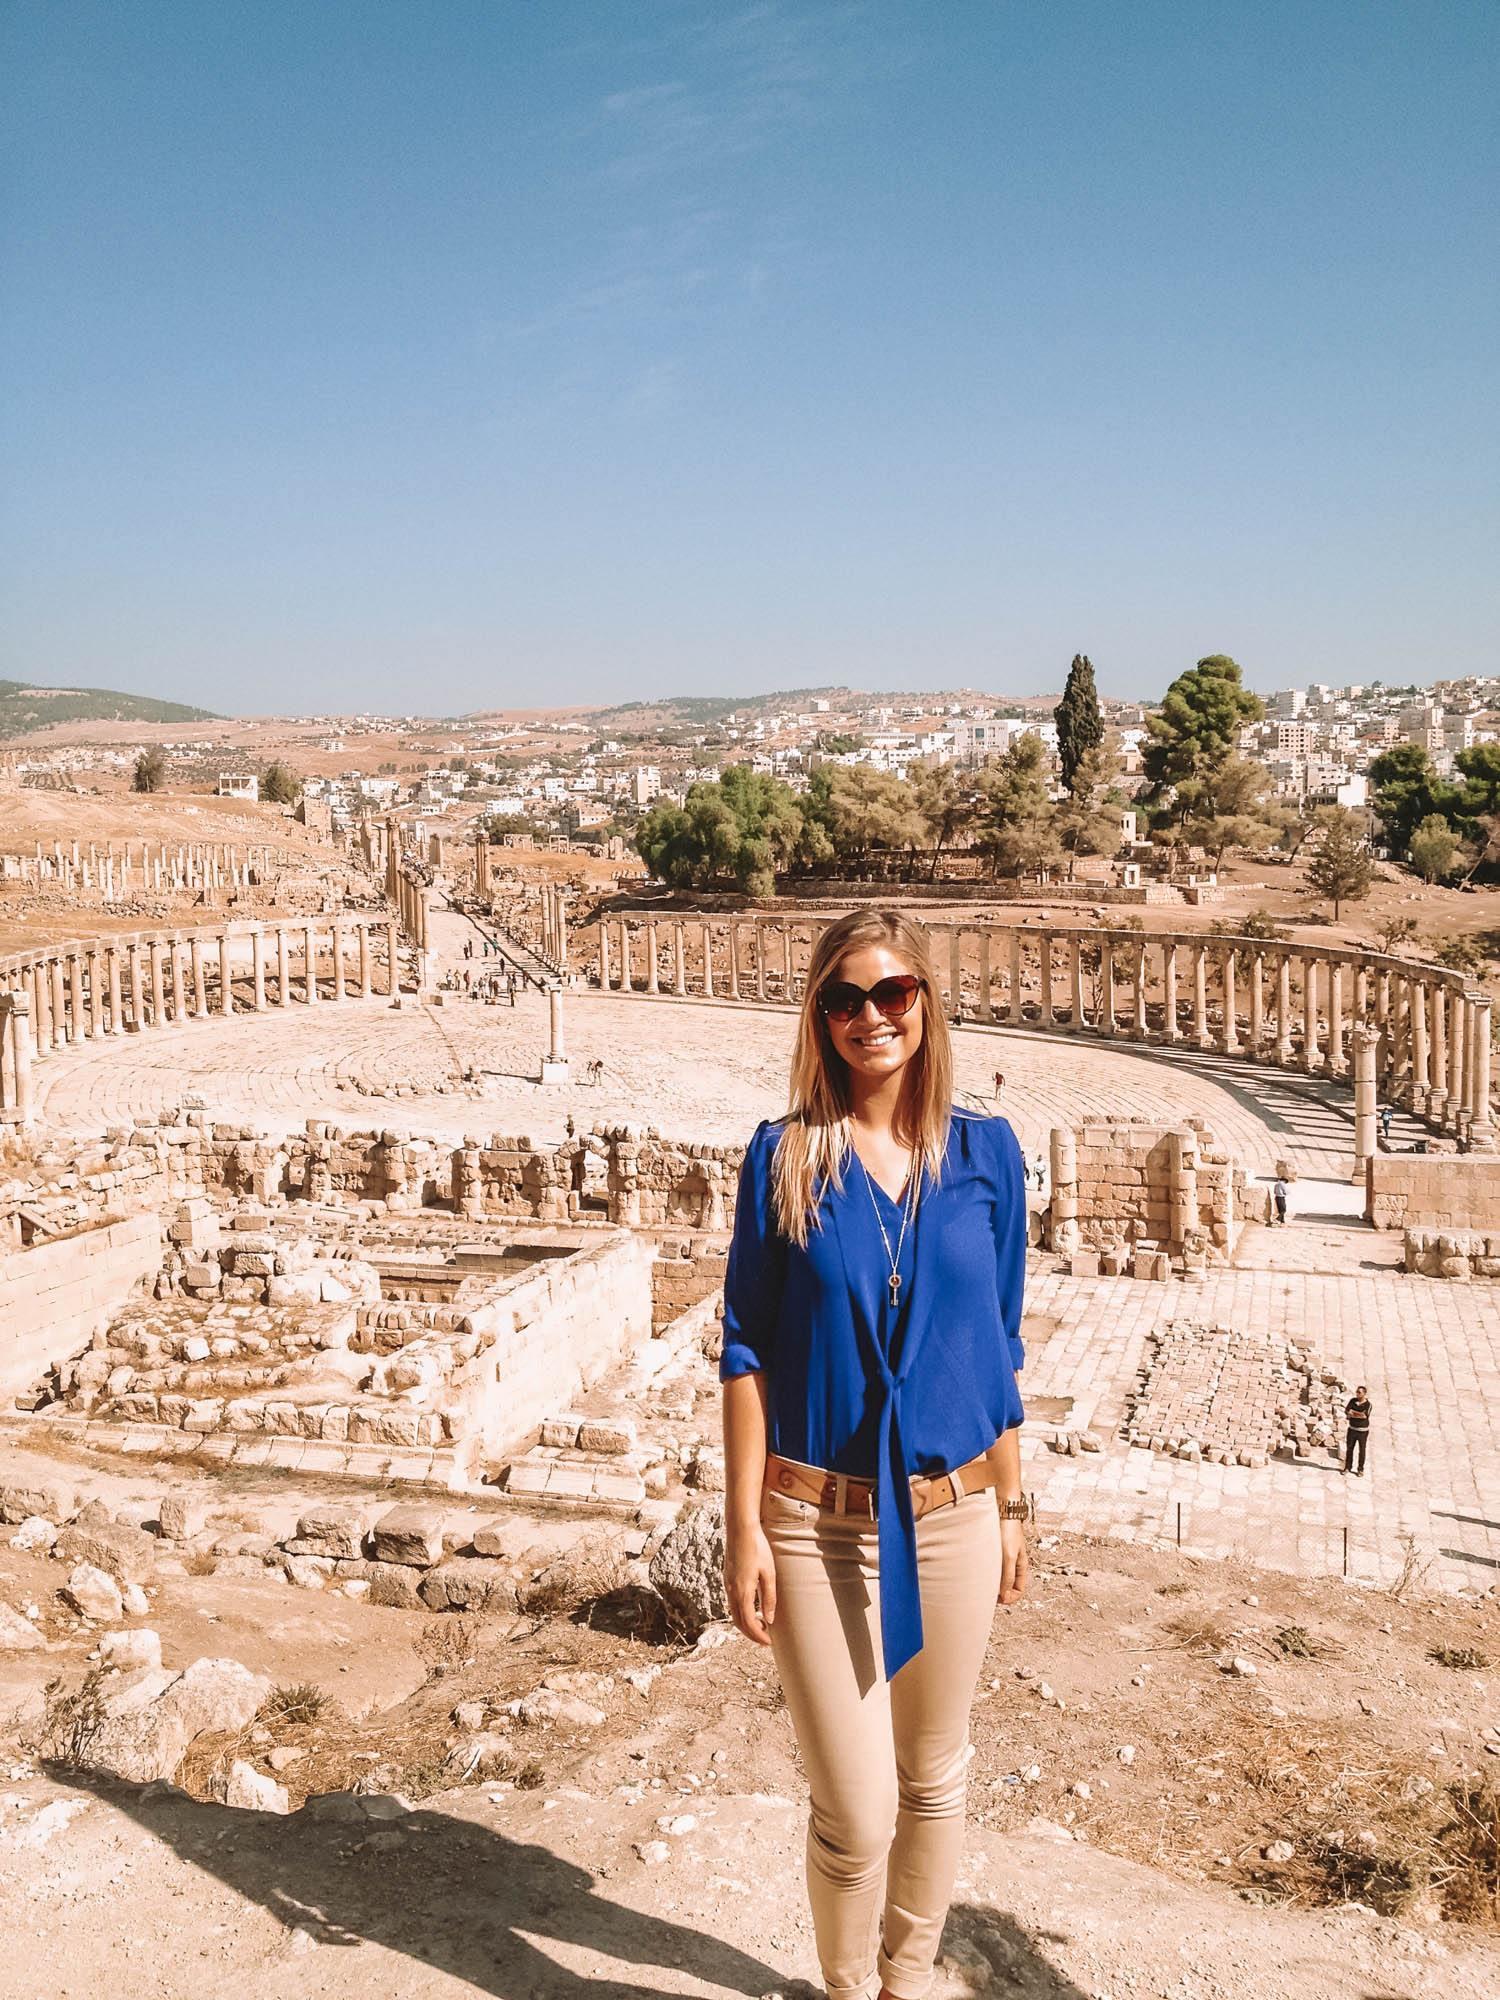 ruins near Amman, Jordan